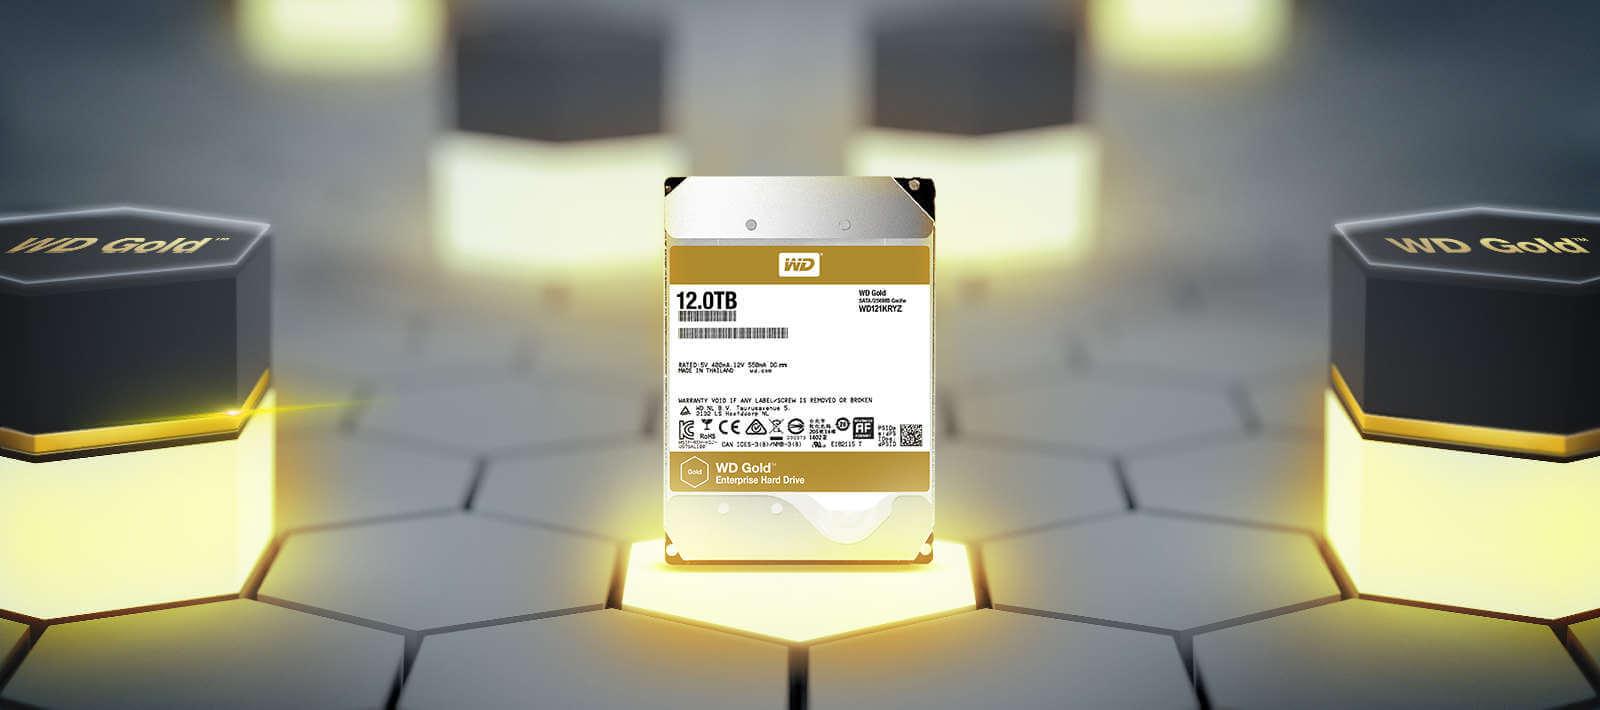 hdd wd gold 4tb ssdbazar 2 1 - هارد دیسک وسترن دیجیتال Western Digital HDD Gold 6TB